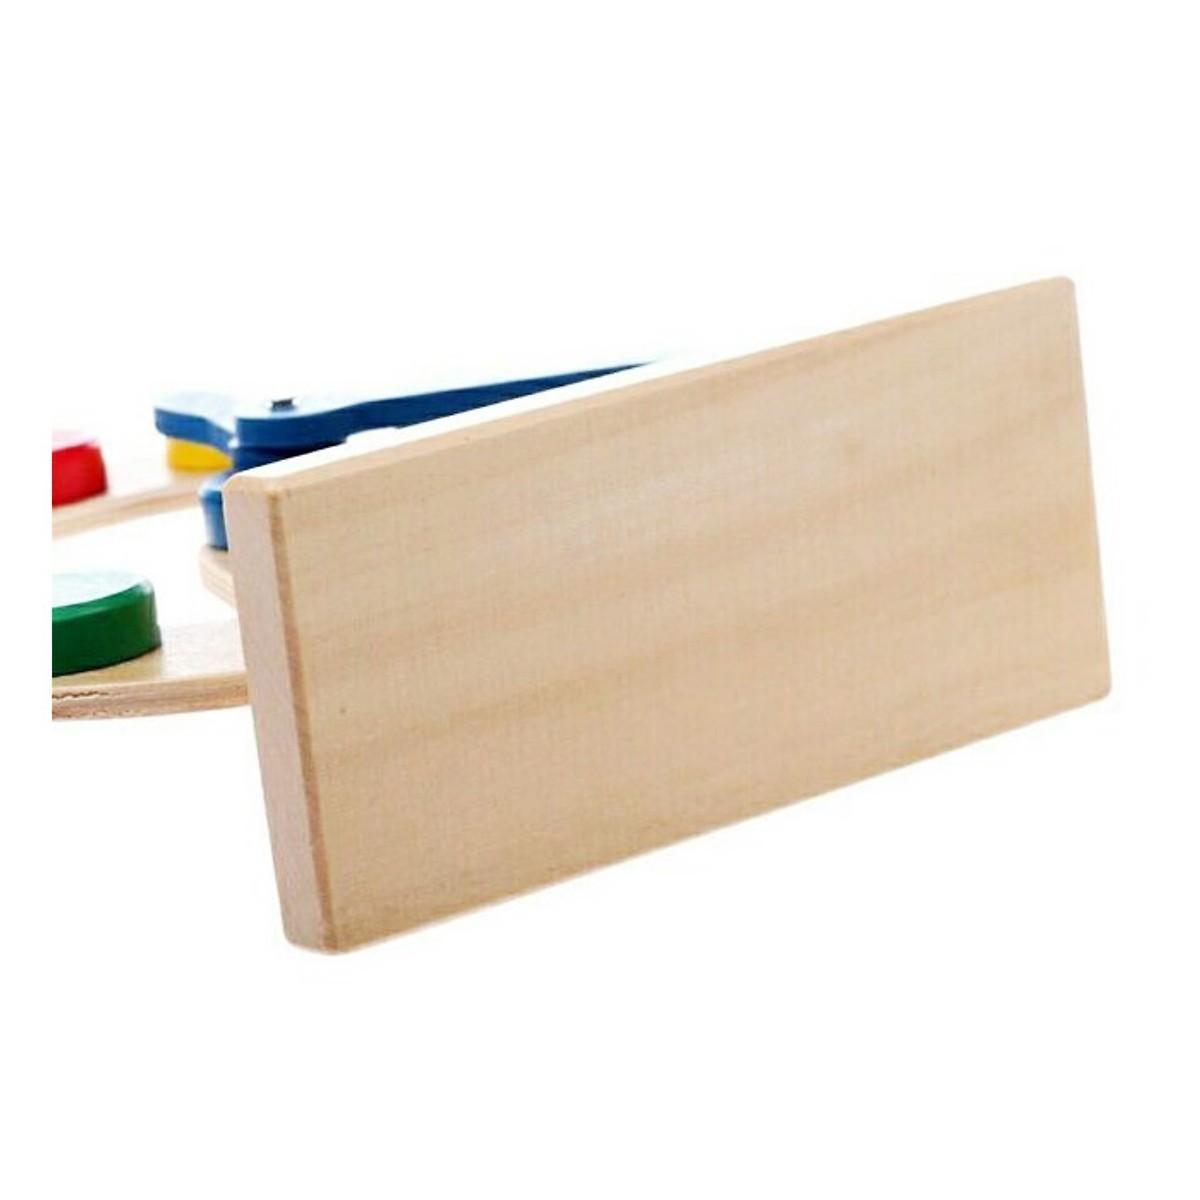 Đồ chơi gỗ mô hình đồng hồ để bàn - HH1154